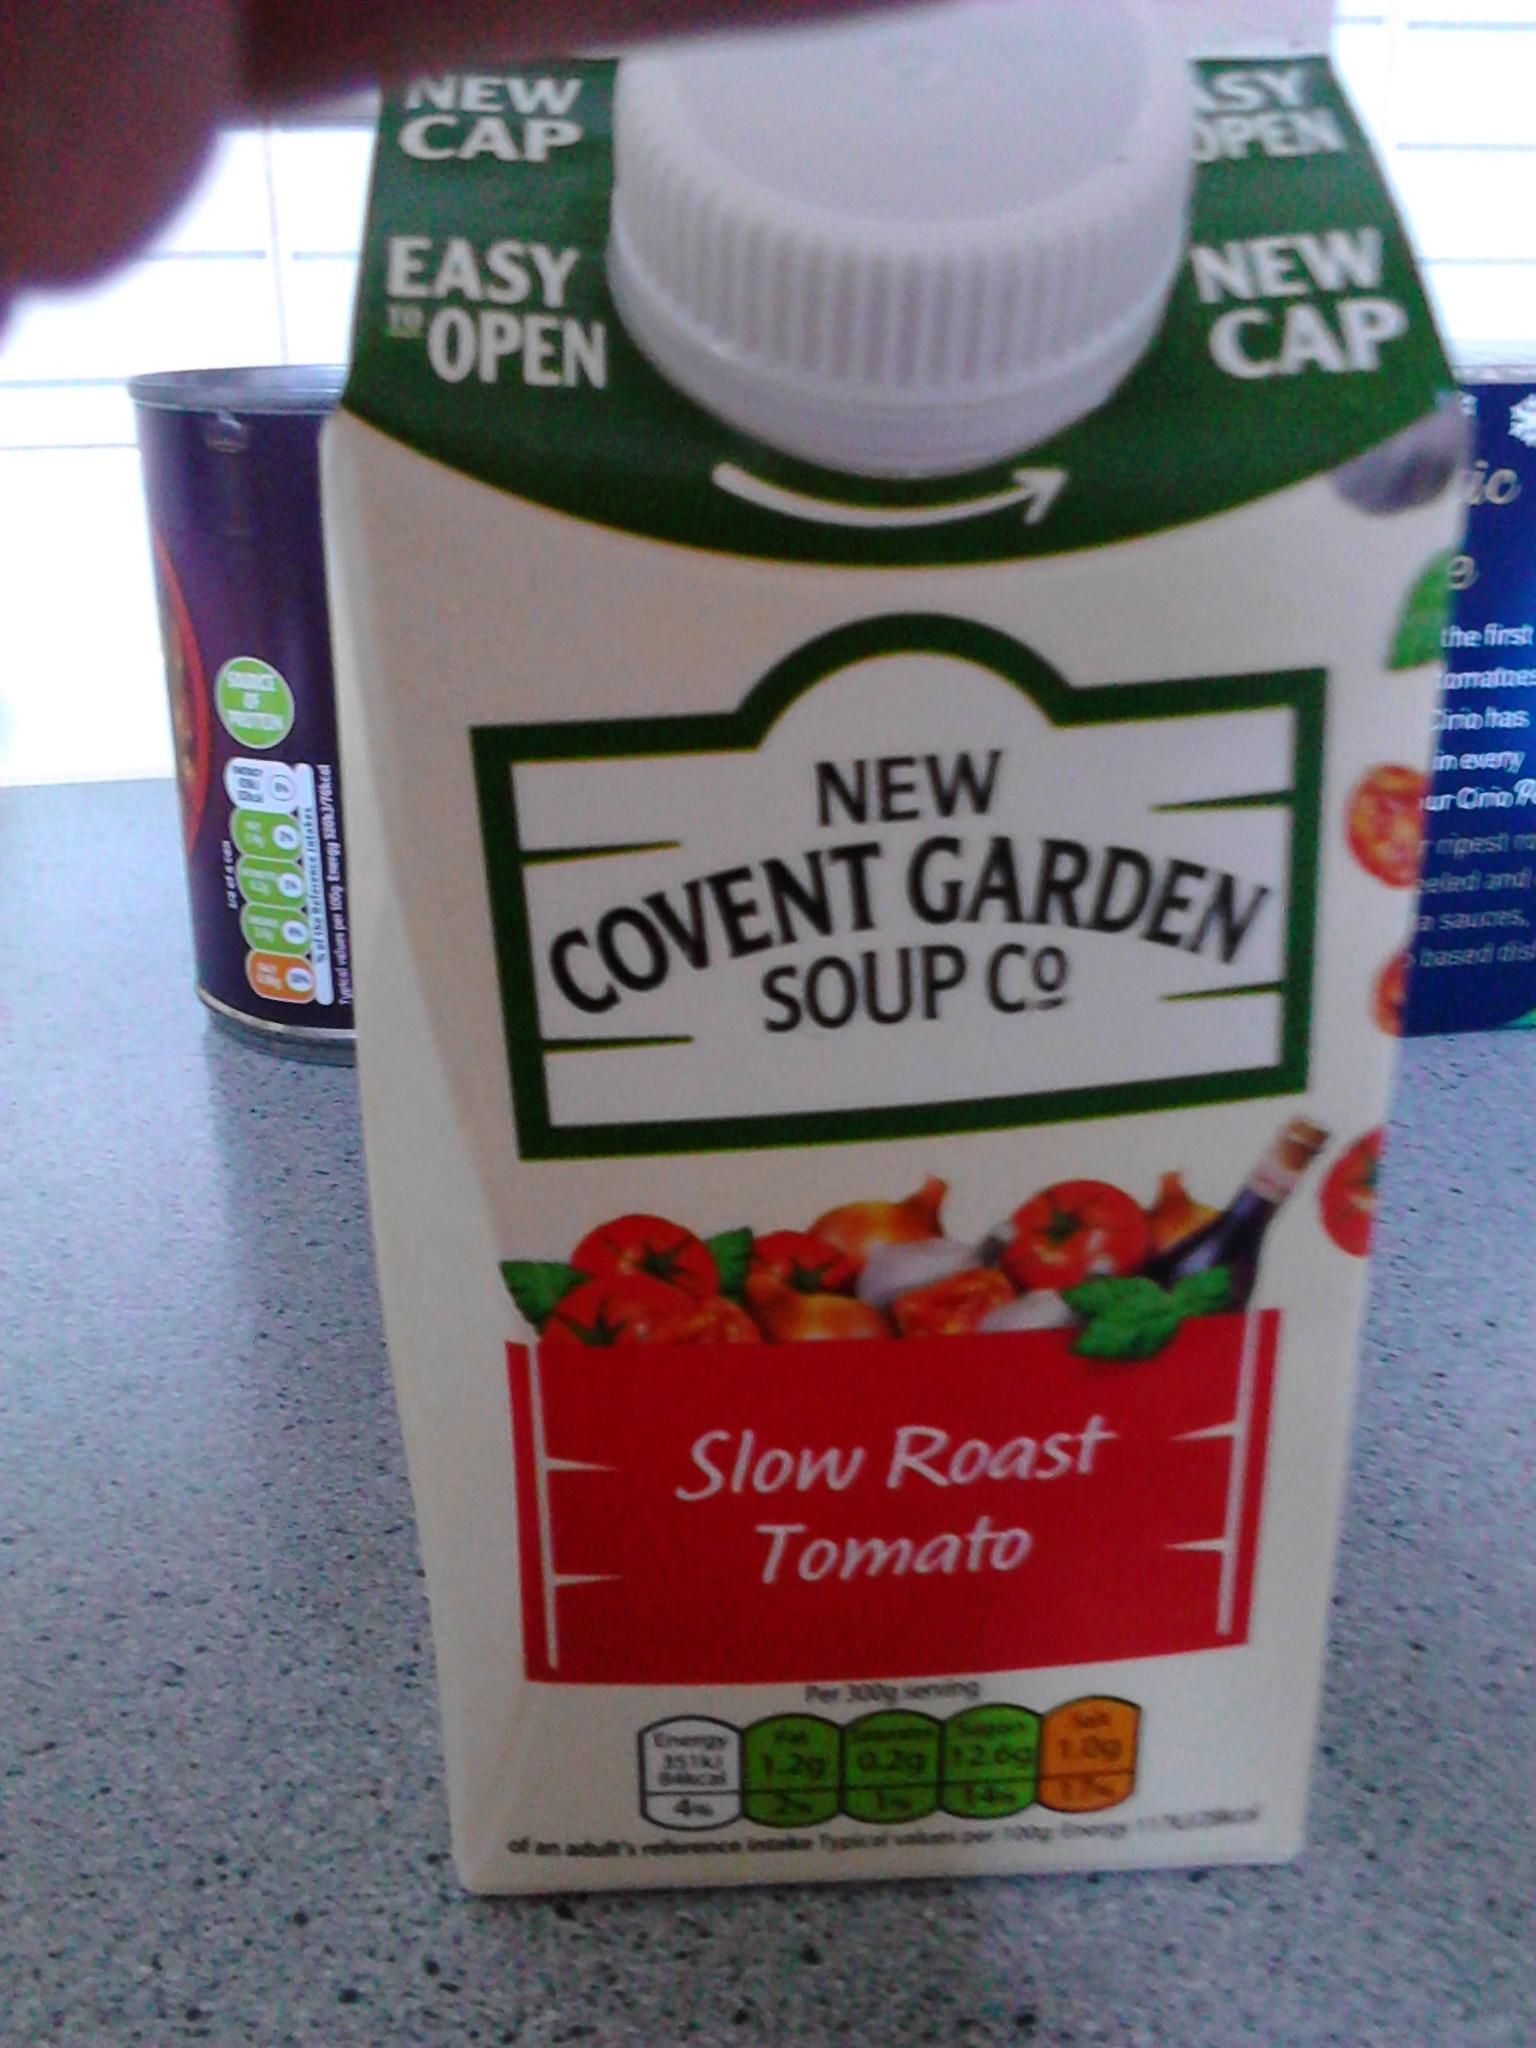 New Covent Garden Soup (600g) £1 at Asda